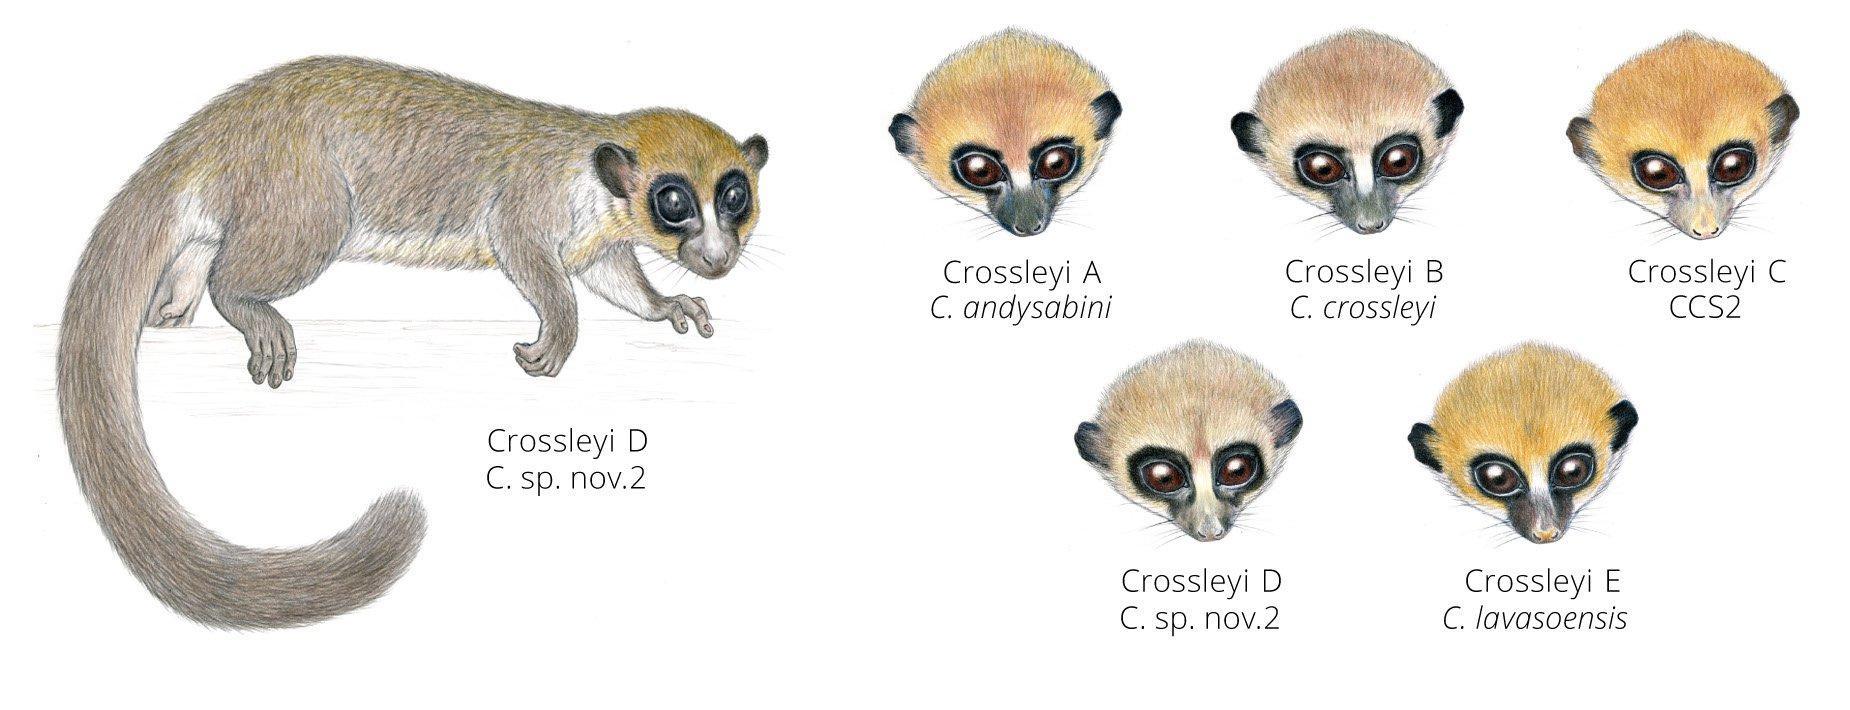 Зоологи описали новый вид лемуров